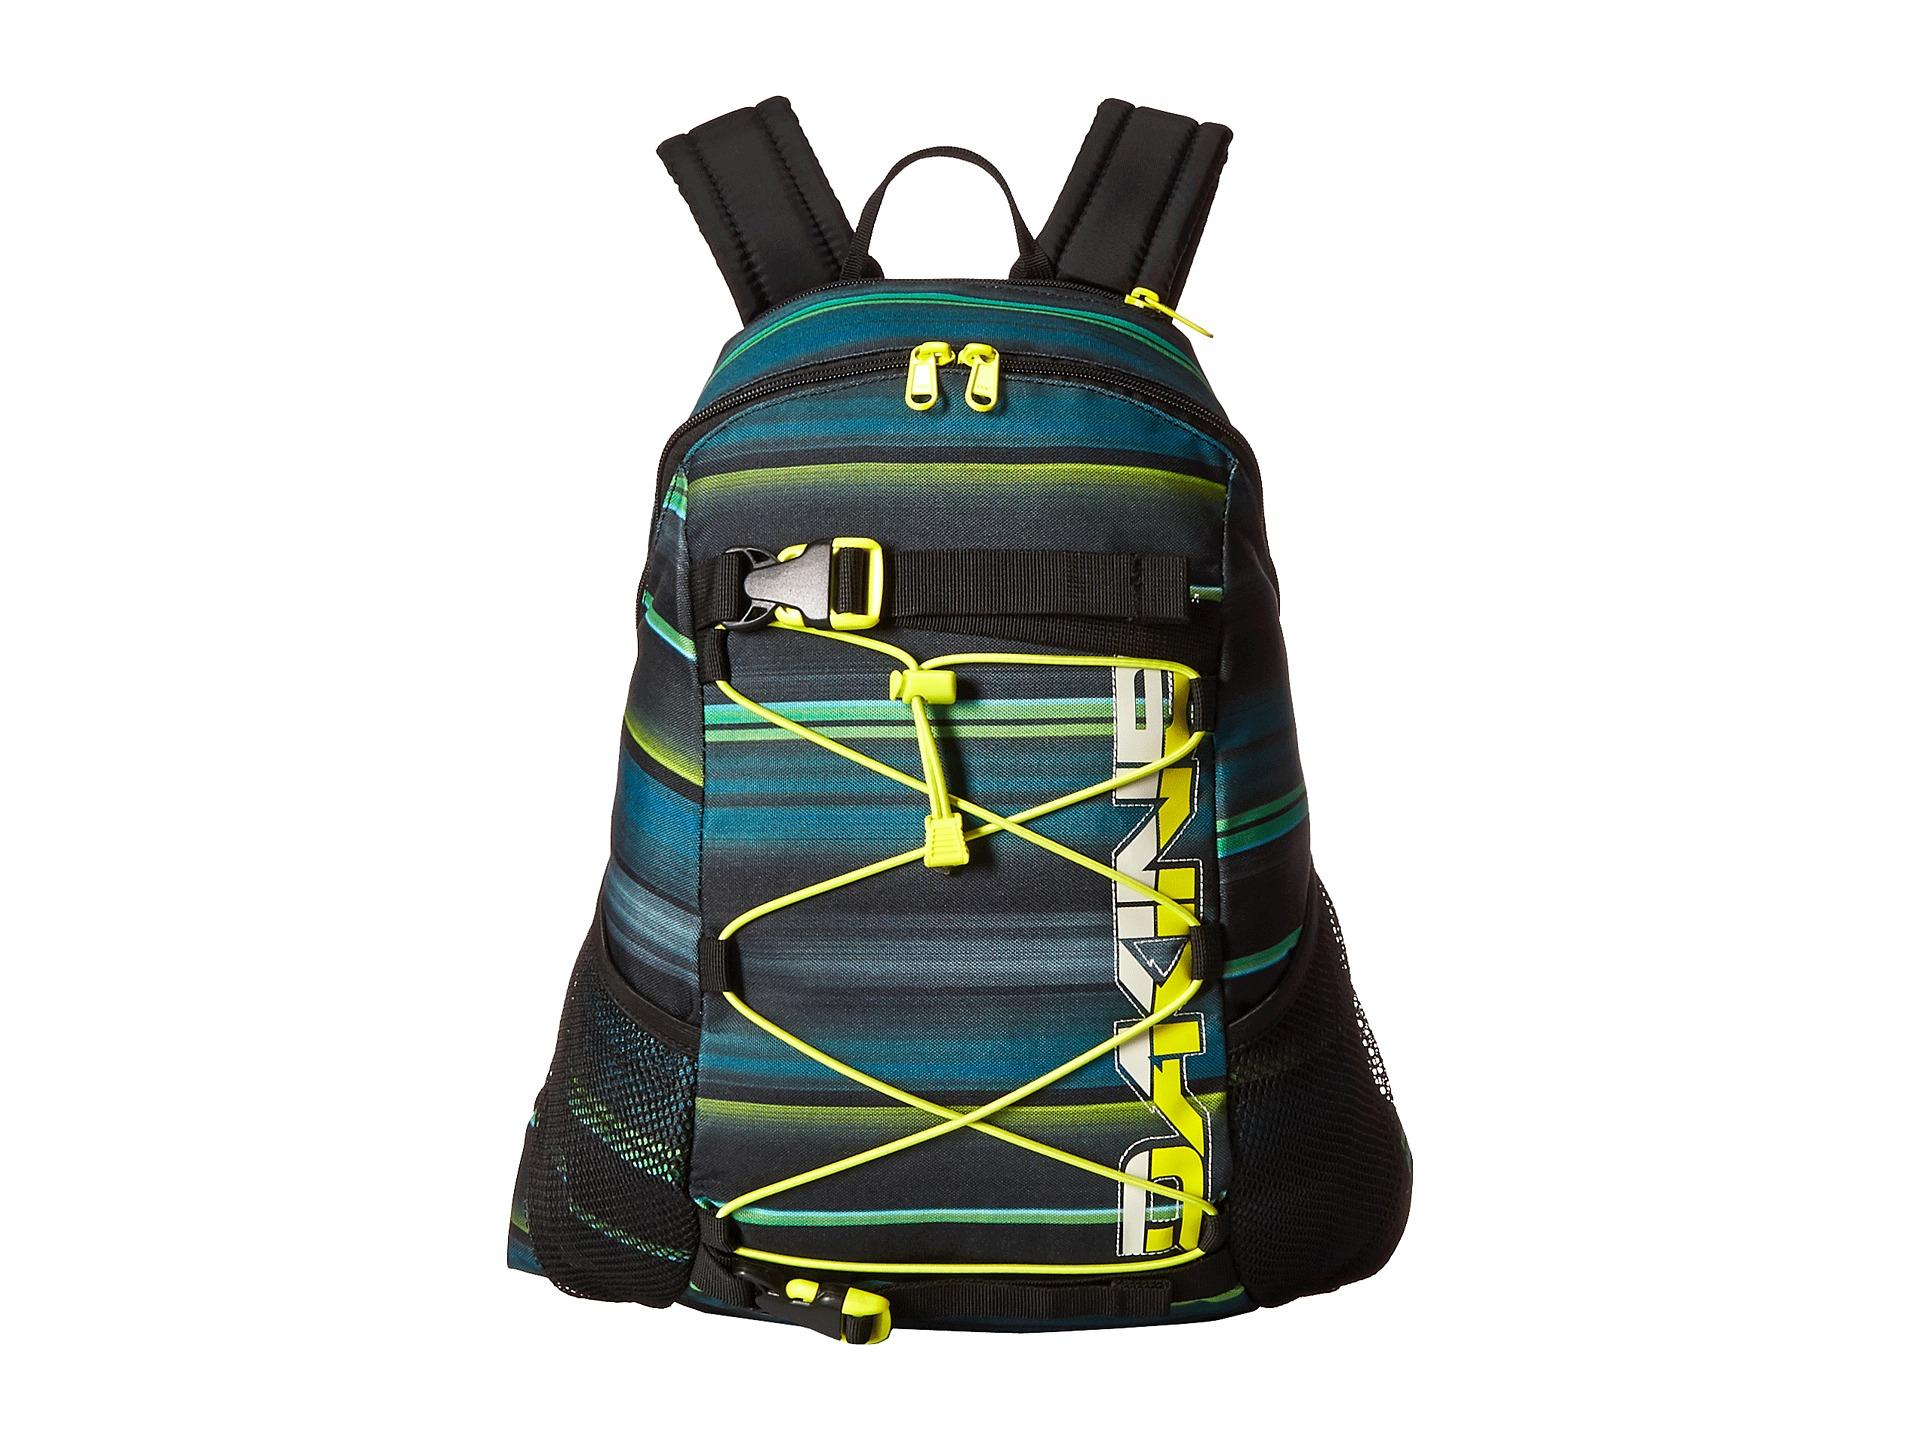 dakine wonder backpack 15l free shipping both. Black Bedroom Furniture Sets. Home Design Ideas